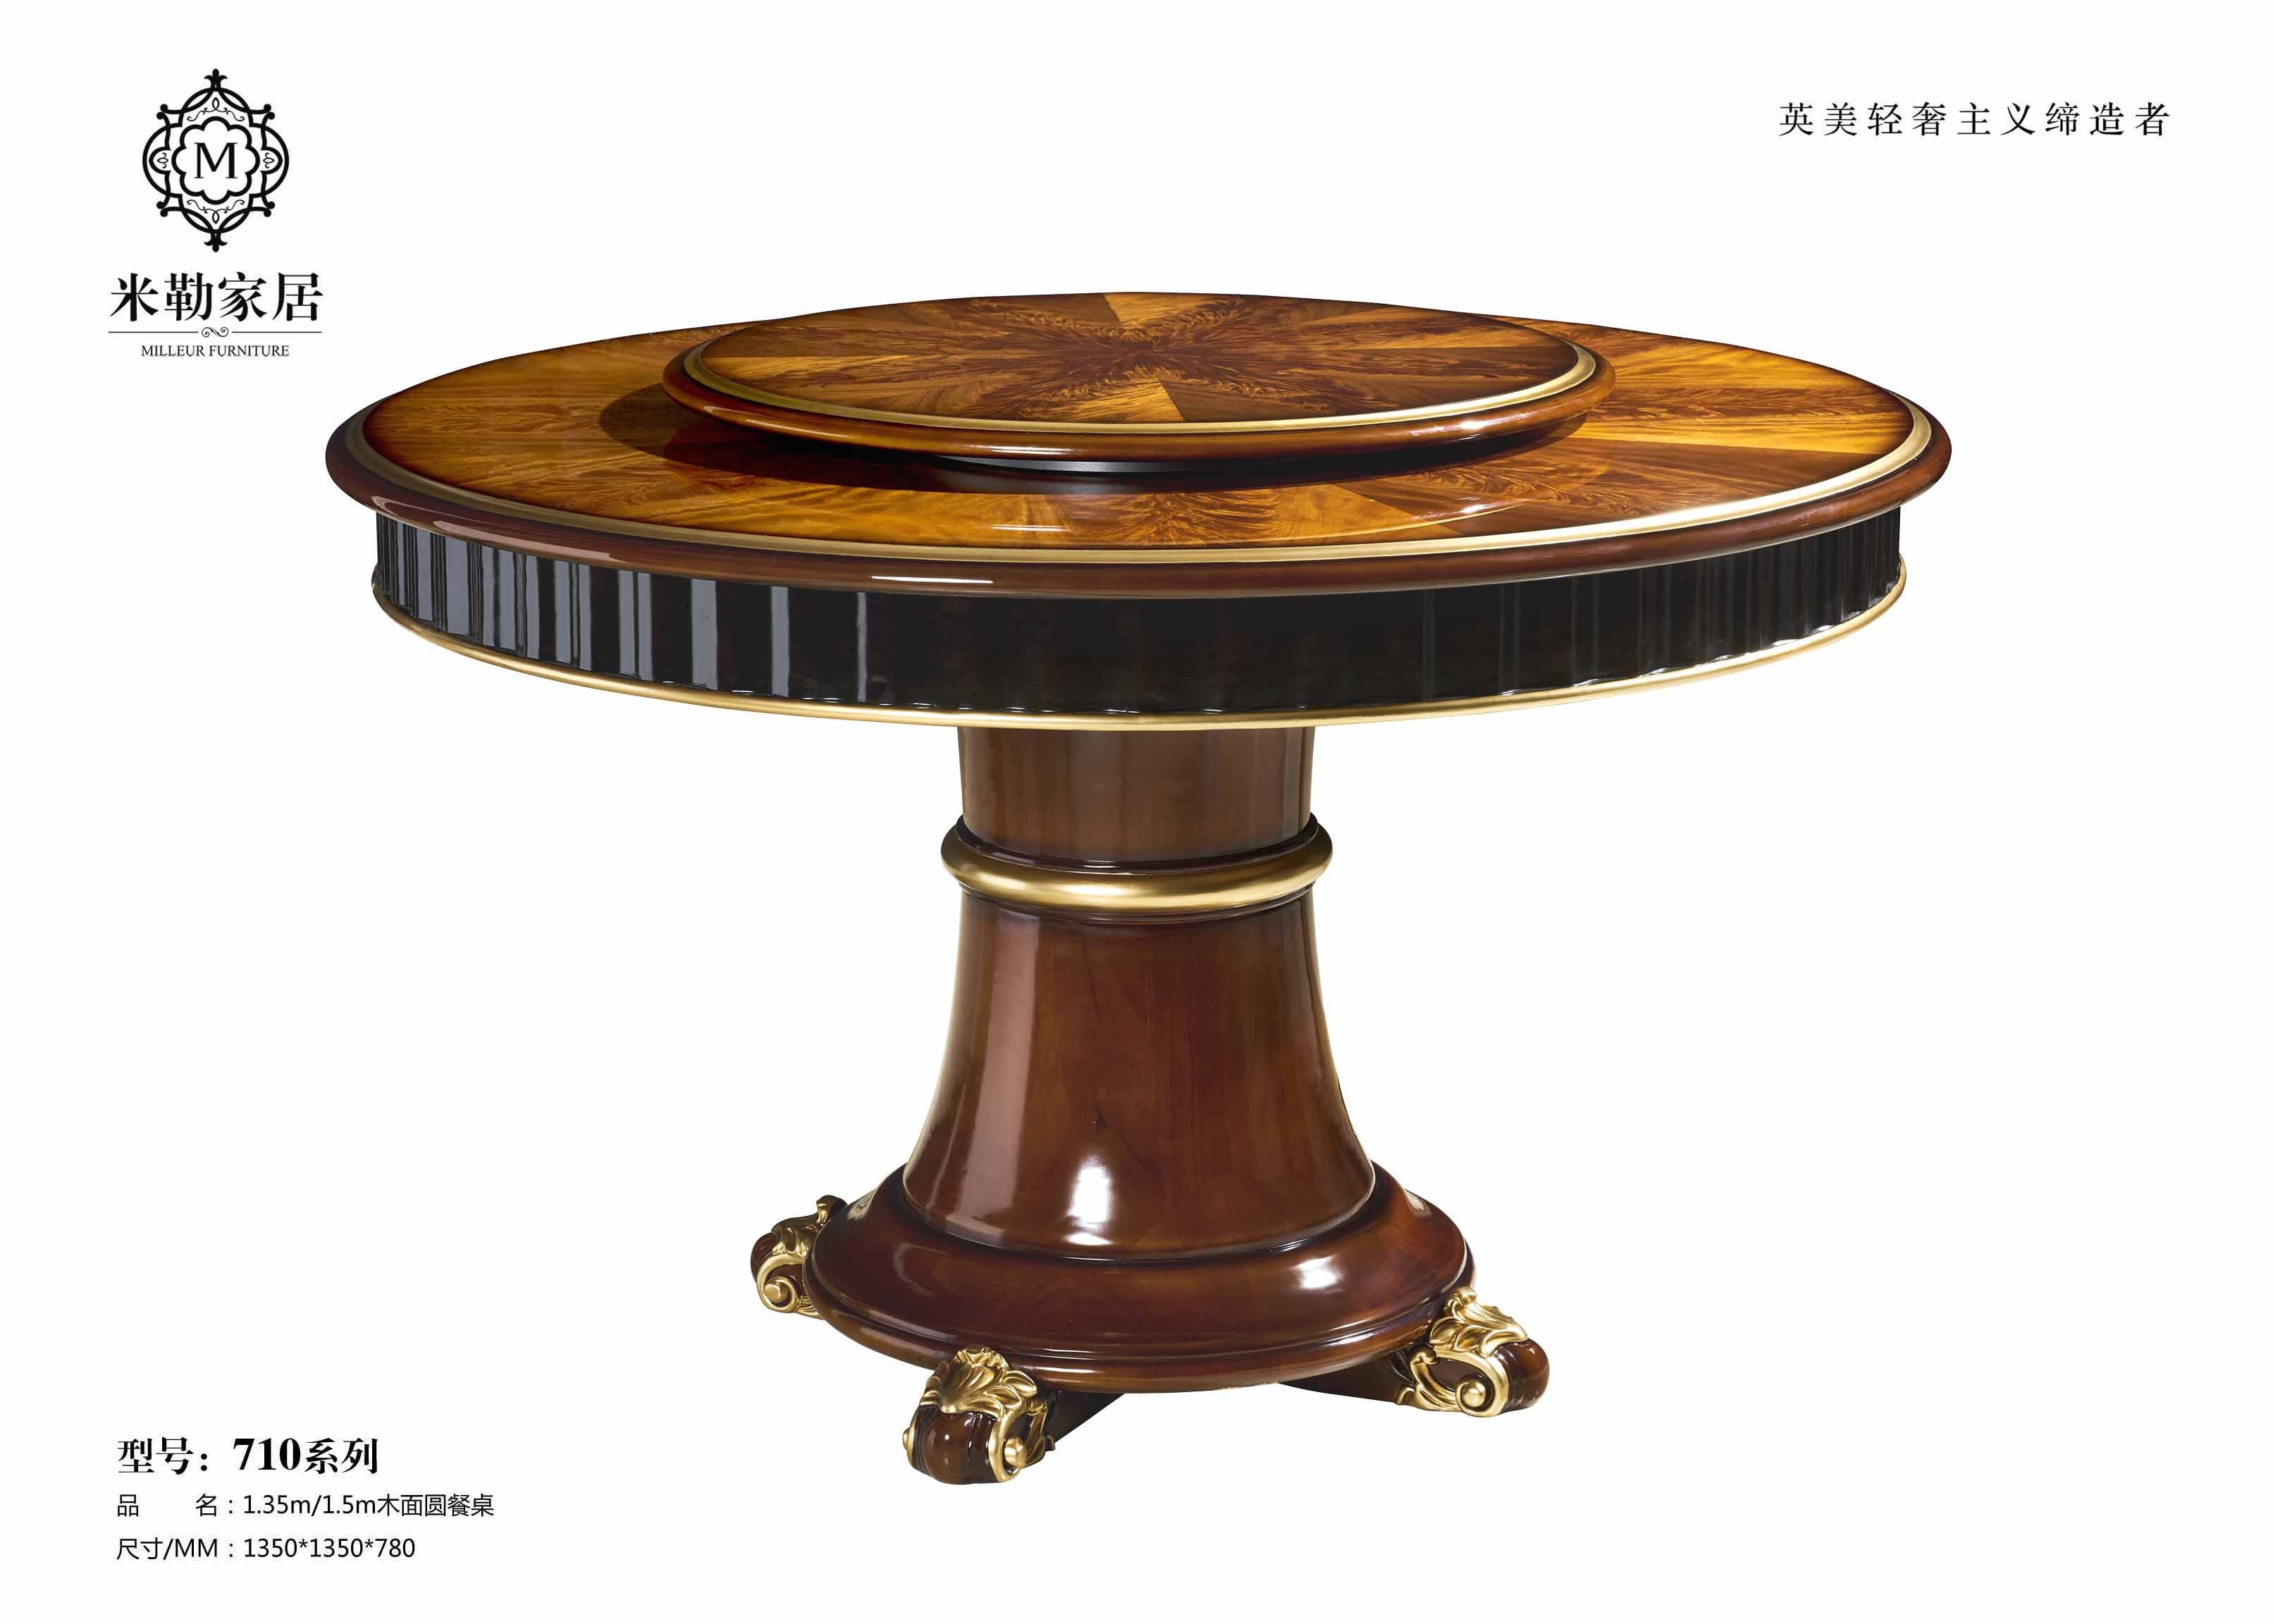 黑胡桃新古典欧式长餐桌 圆餐桌